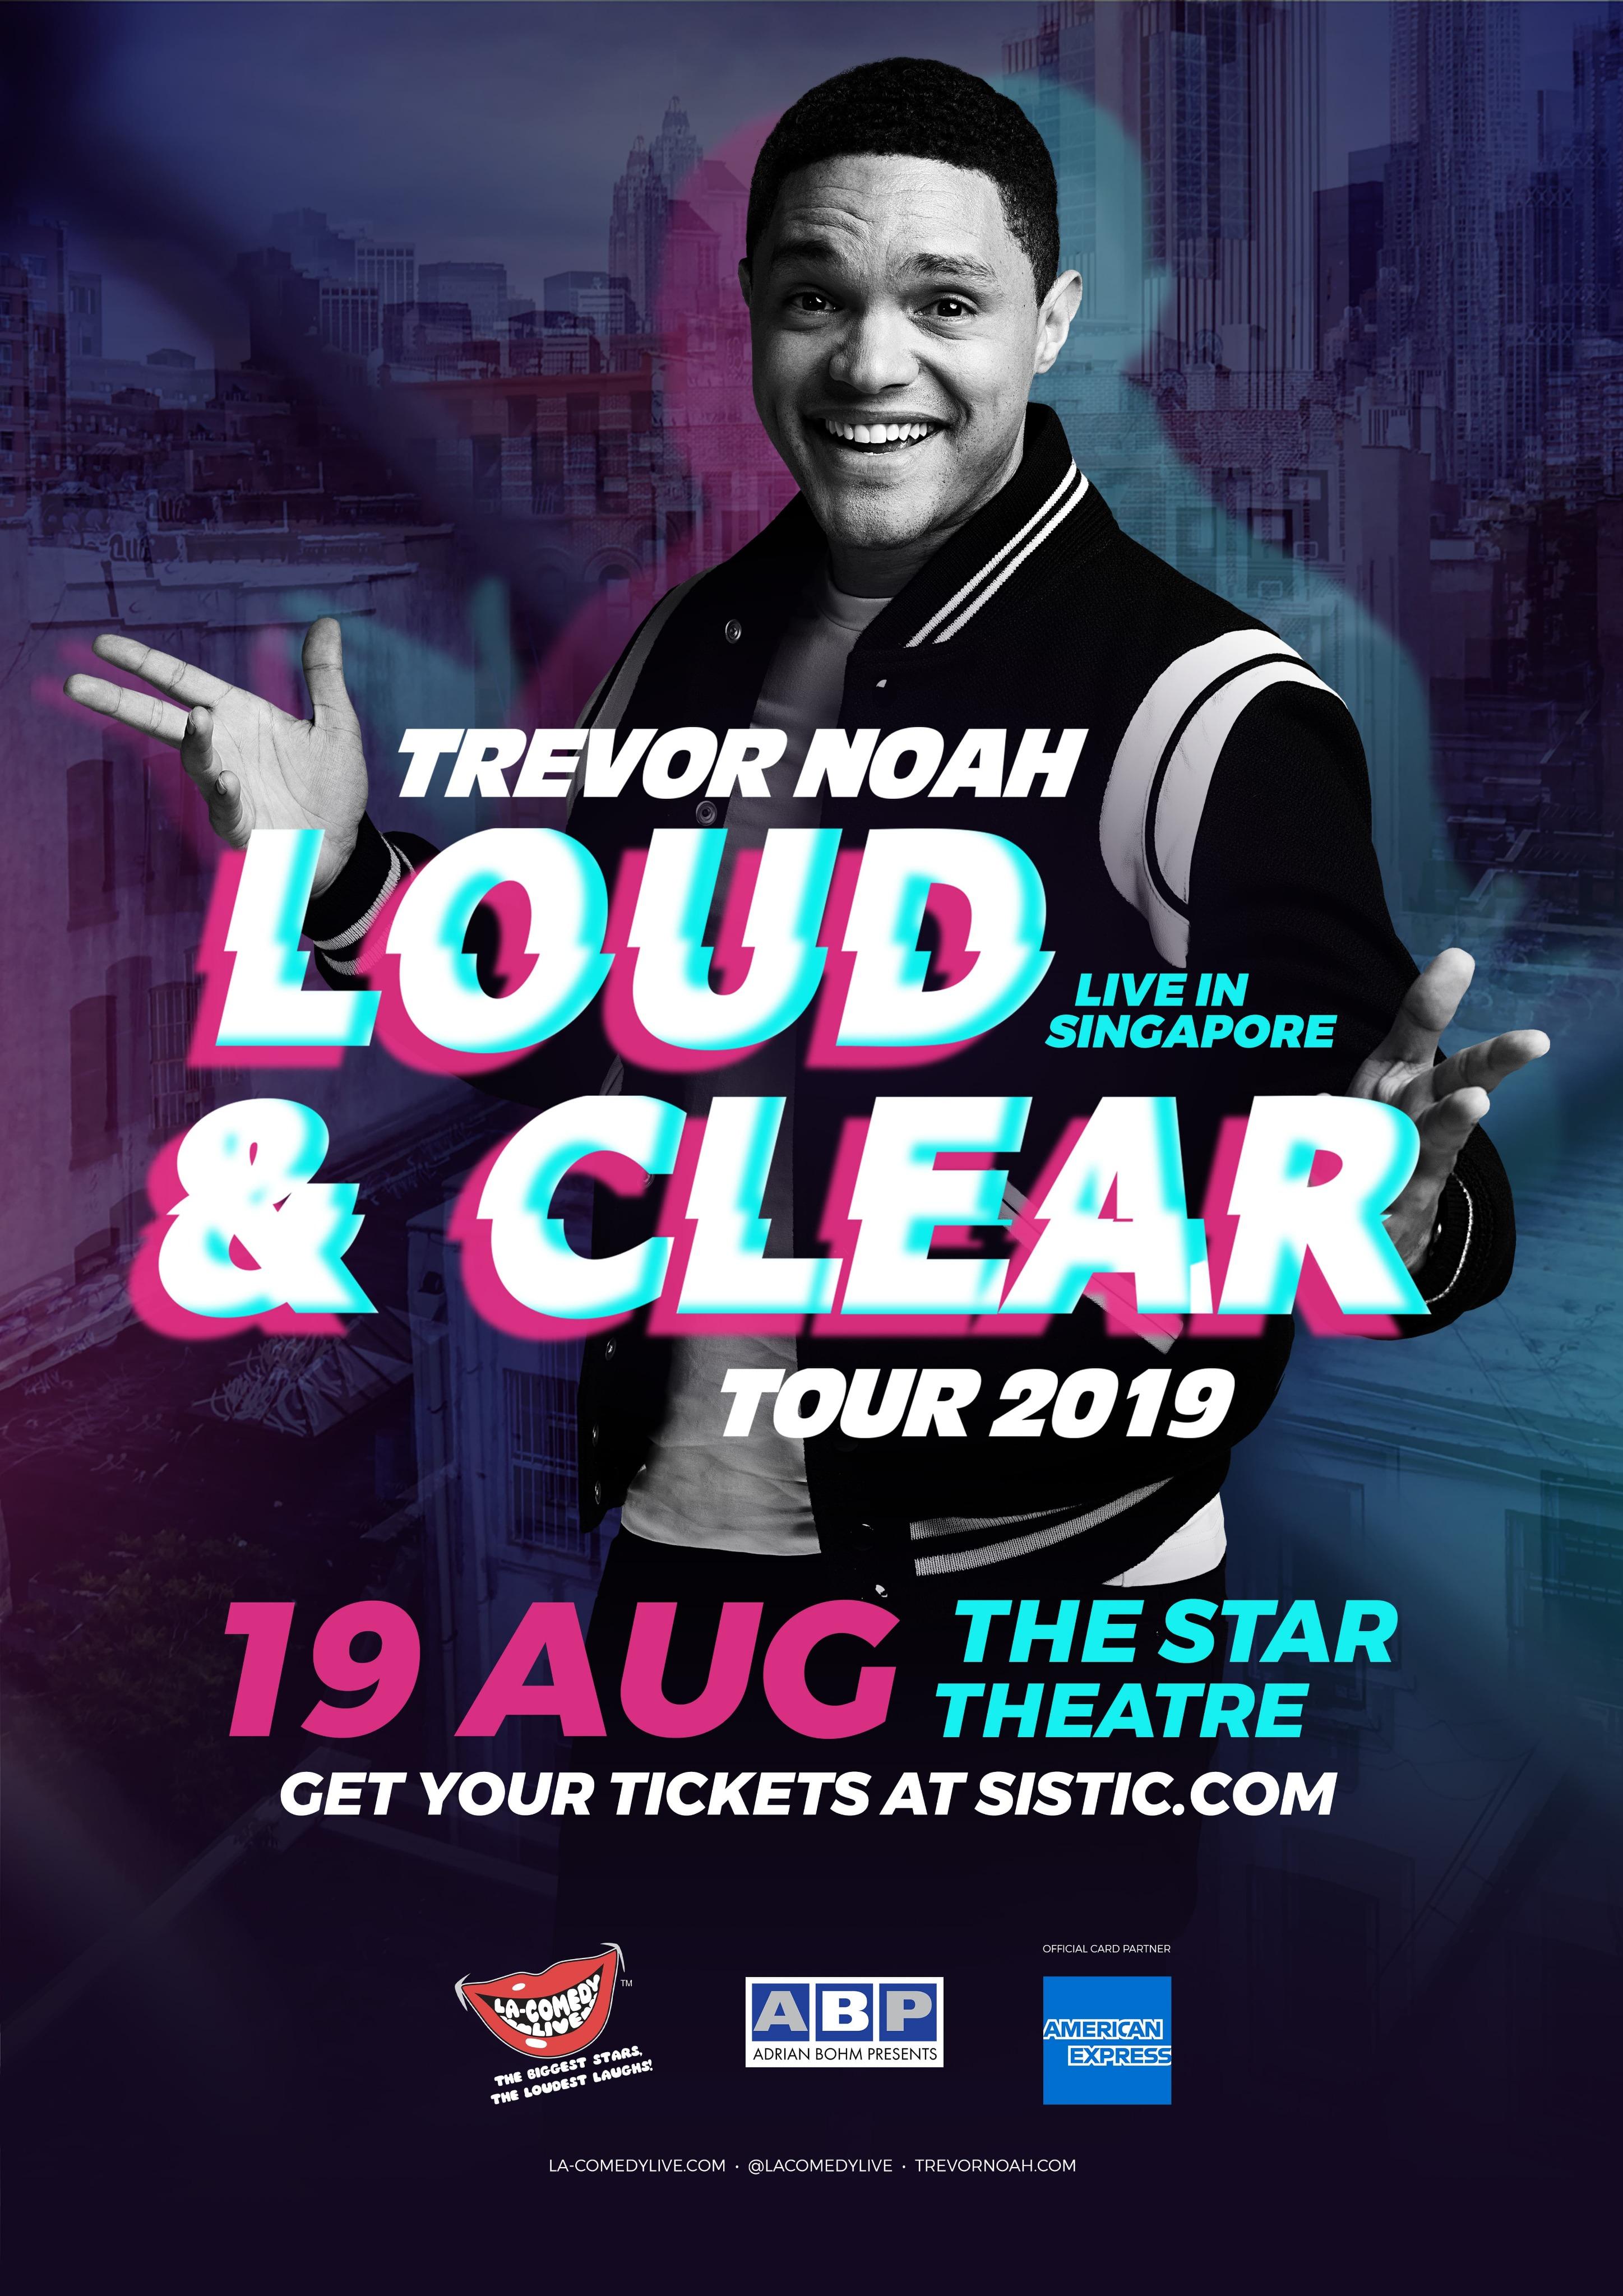 Trevor noah tour